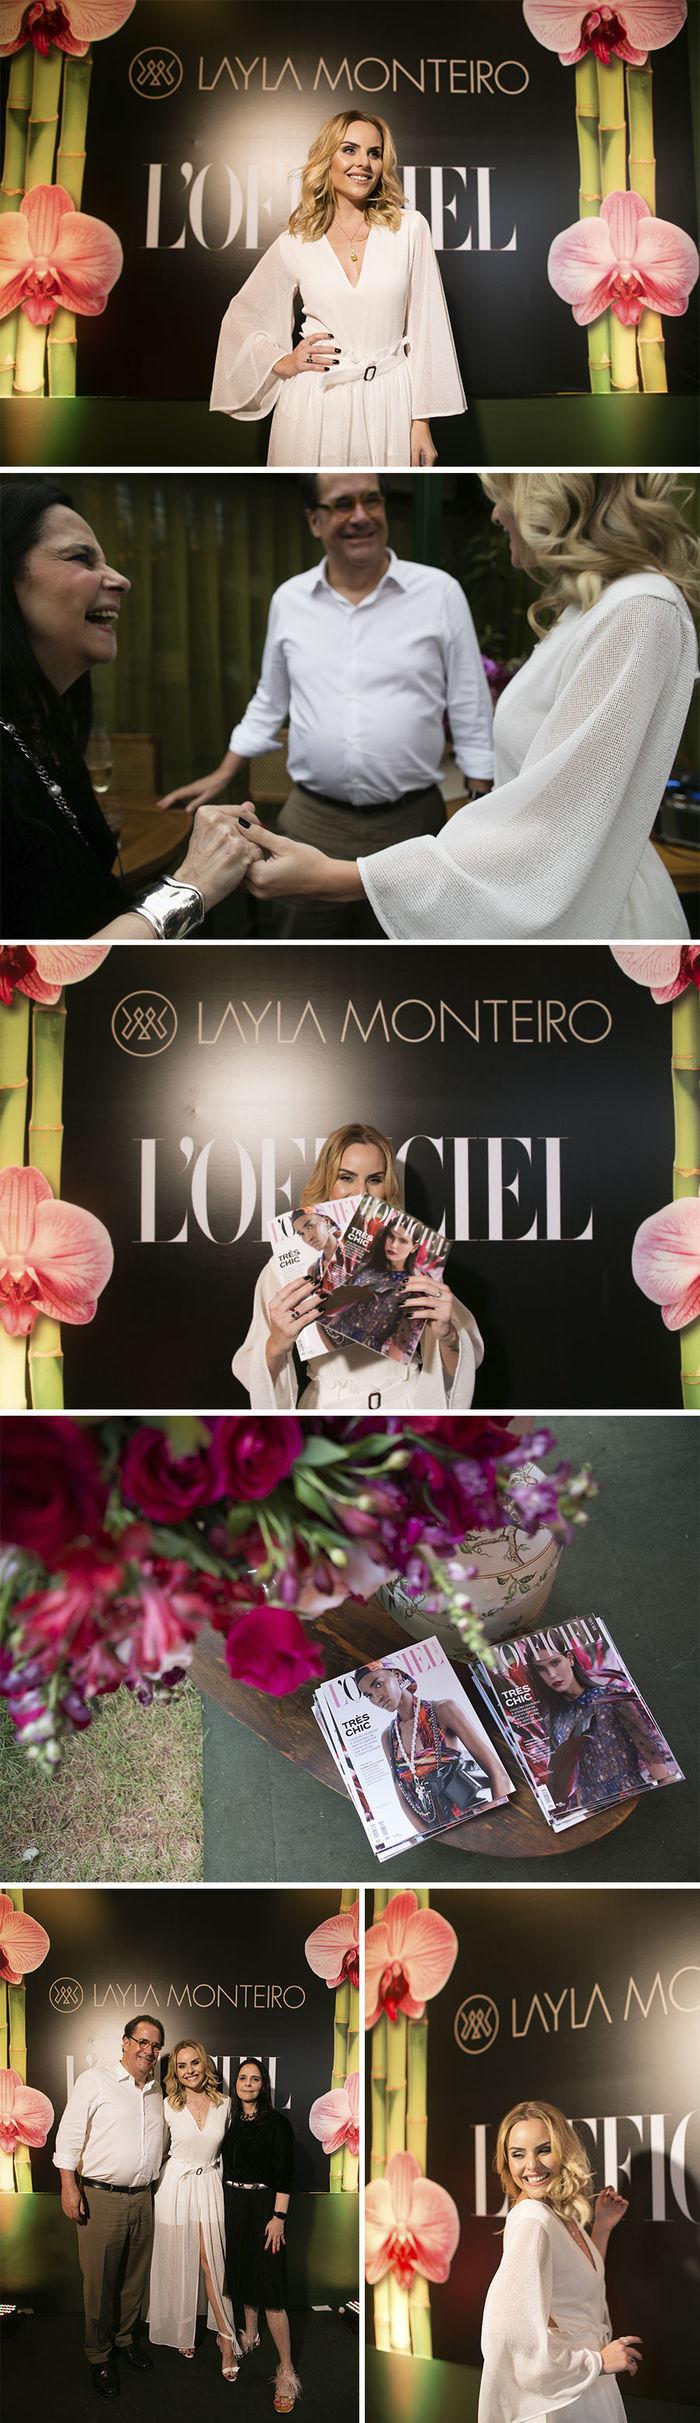 5 anos blog Layla Monteiro festa L'officiel Goiânia a revista